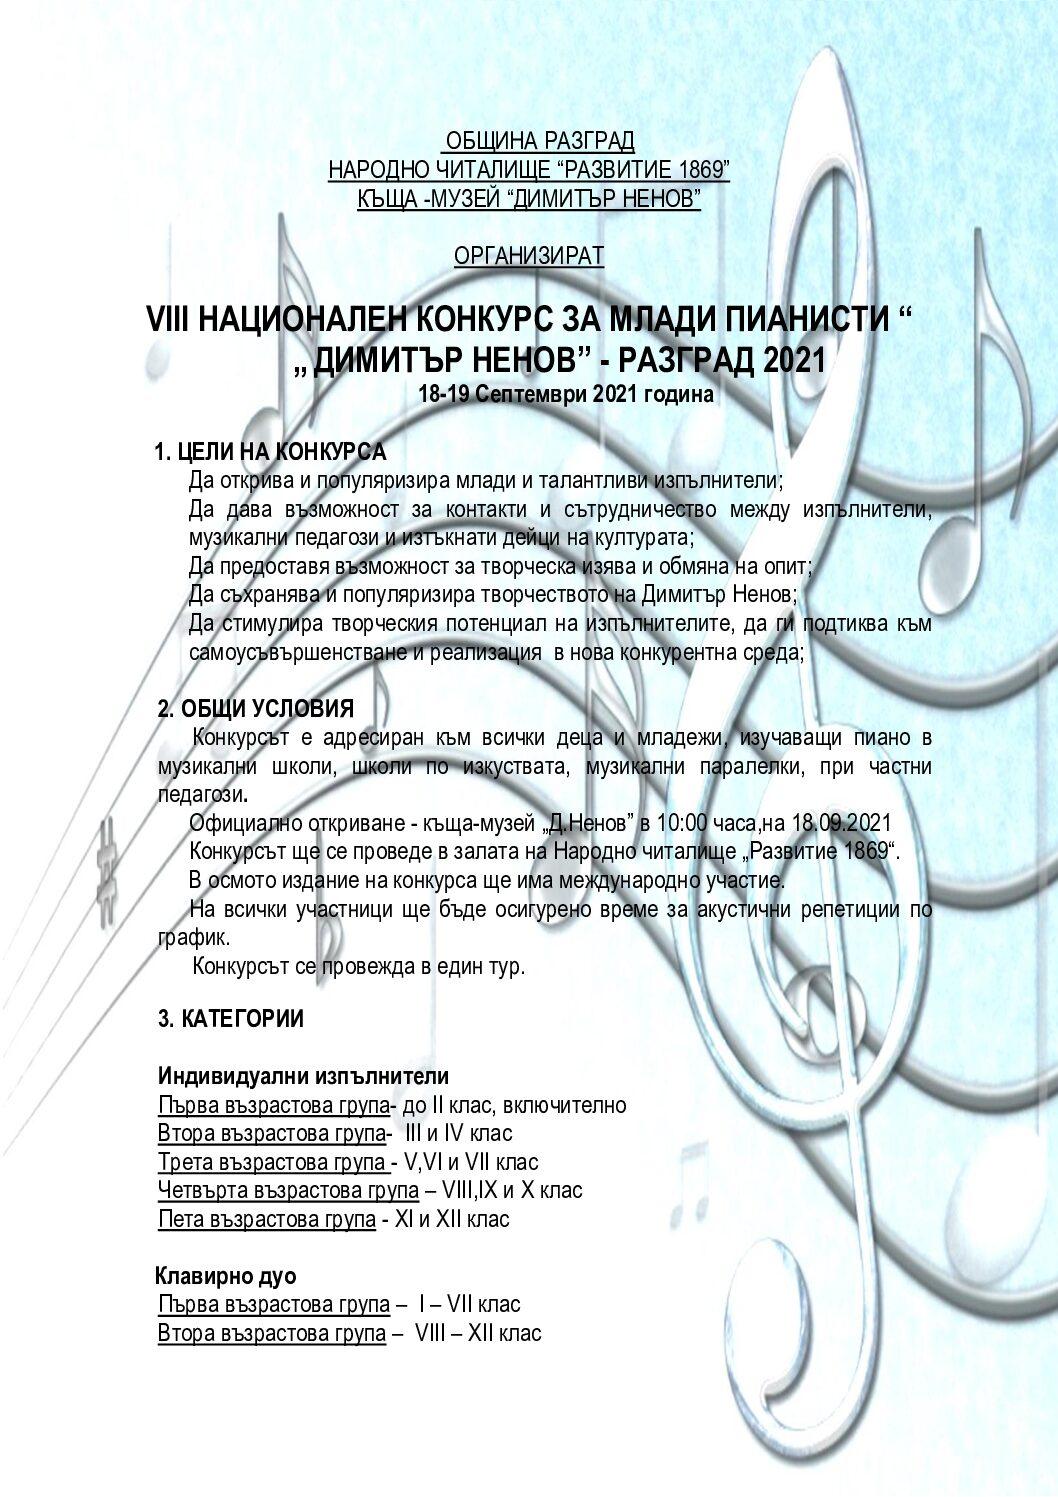 """VIII Национален конкурс """"Димитър Ненов"""" на 18 и 19 септември"""